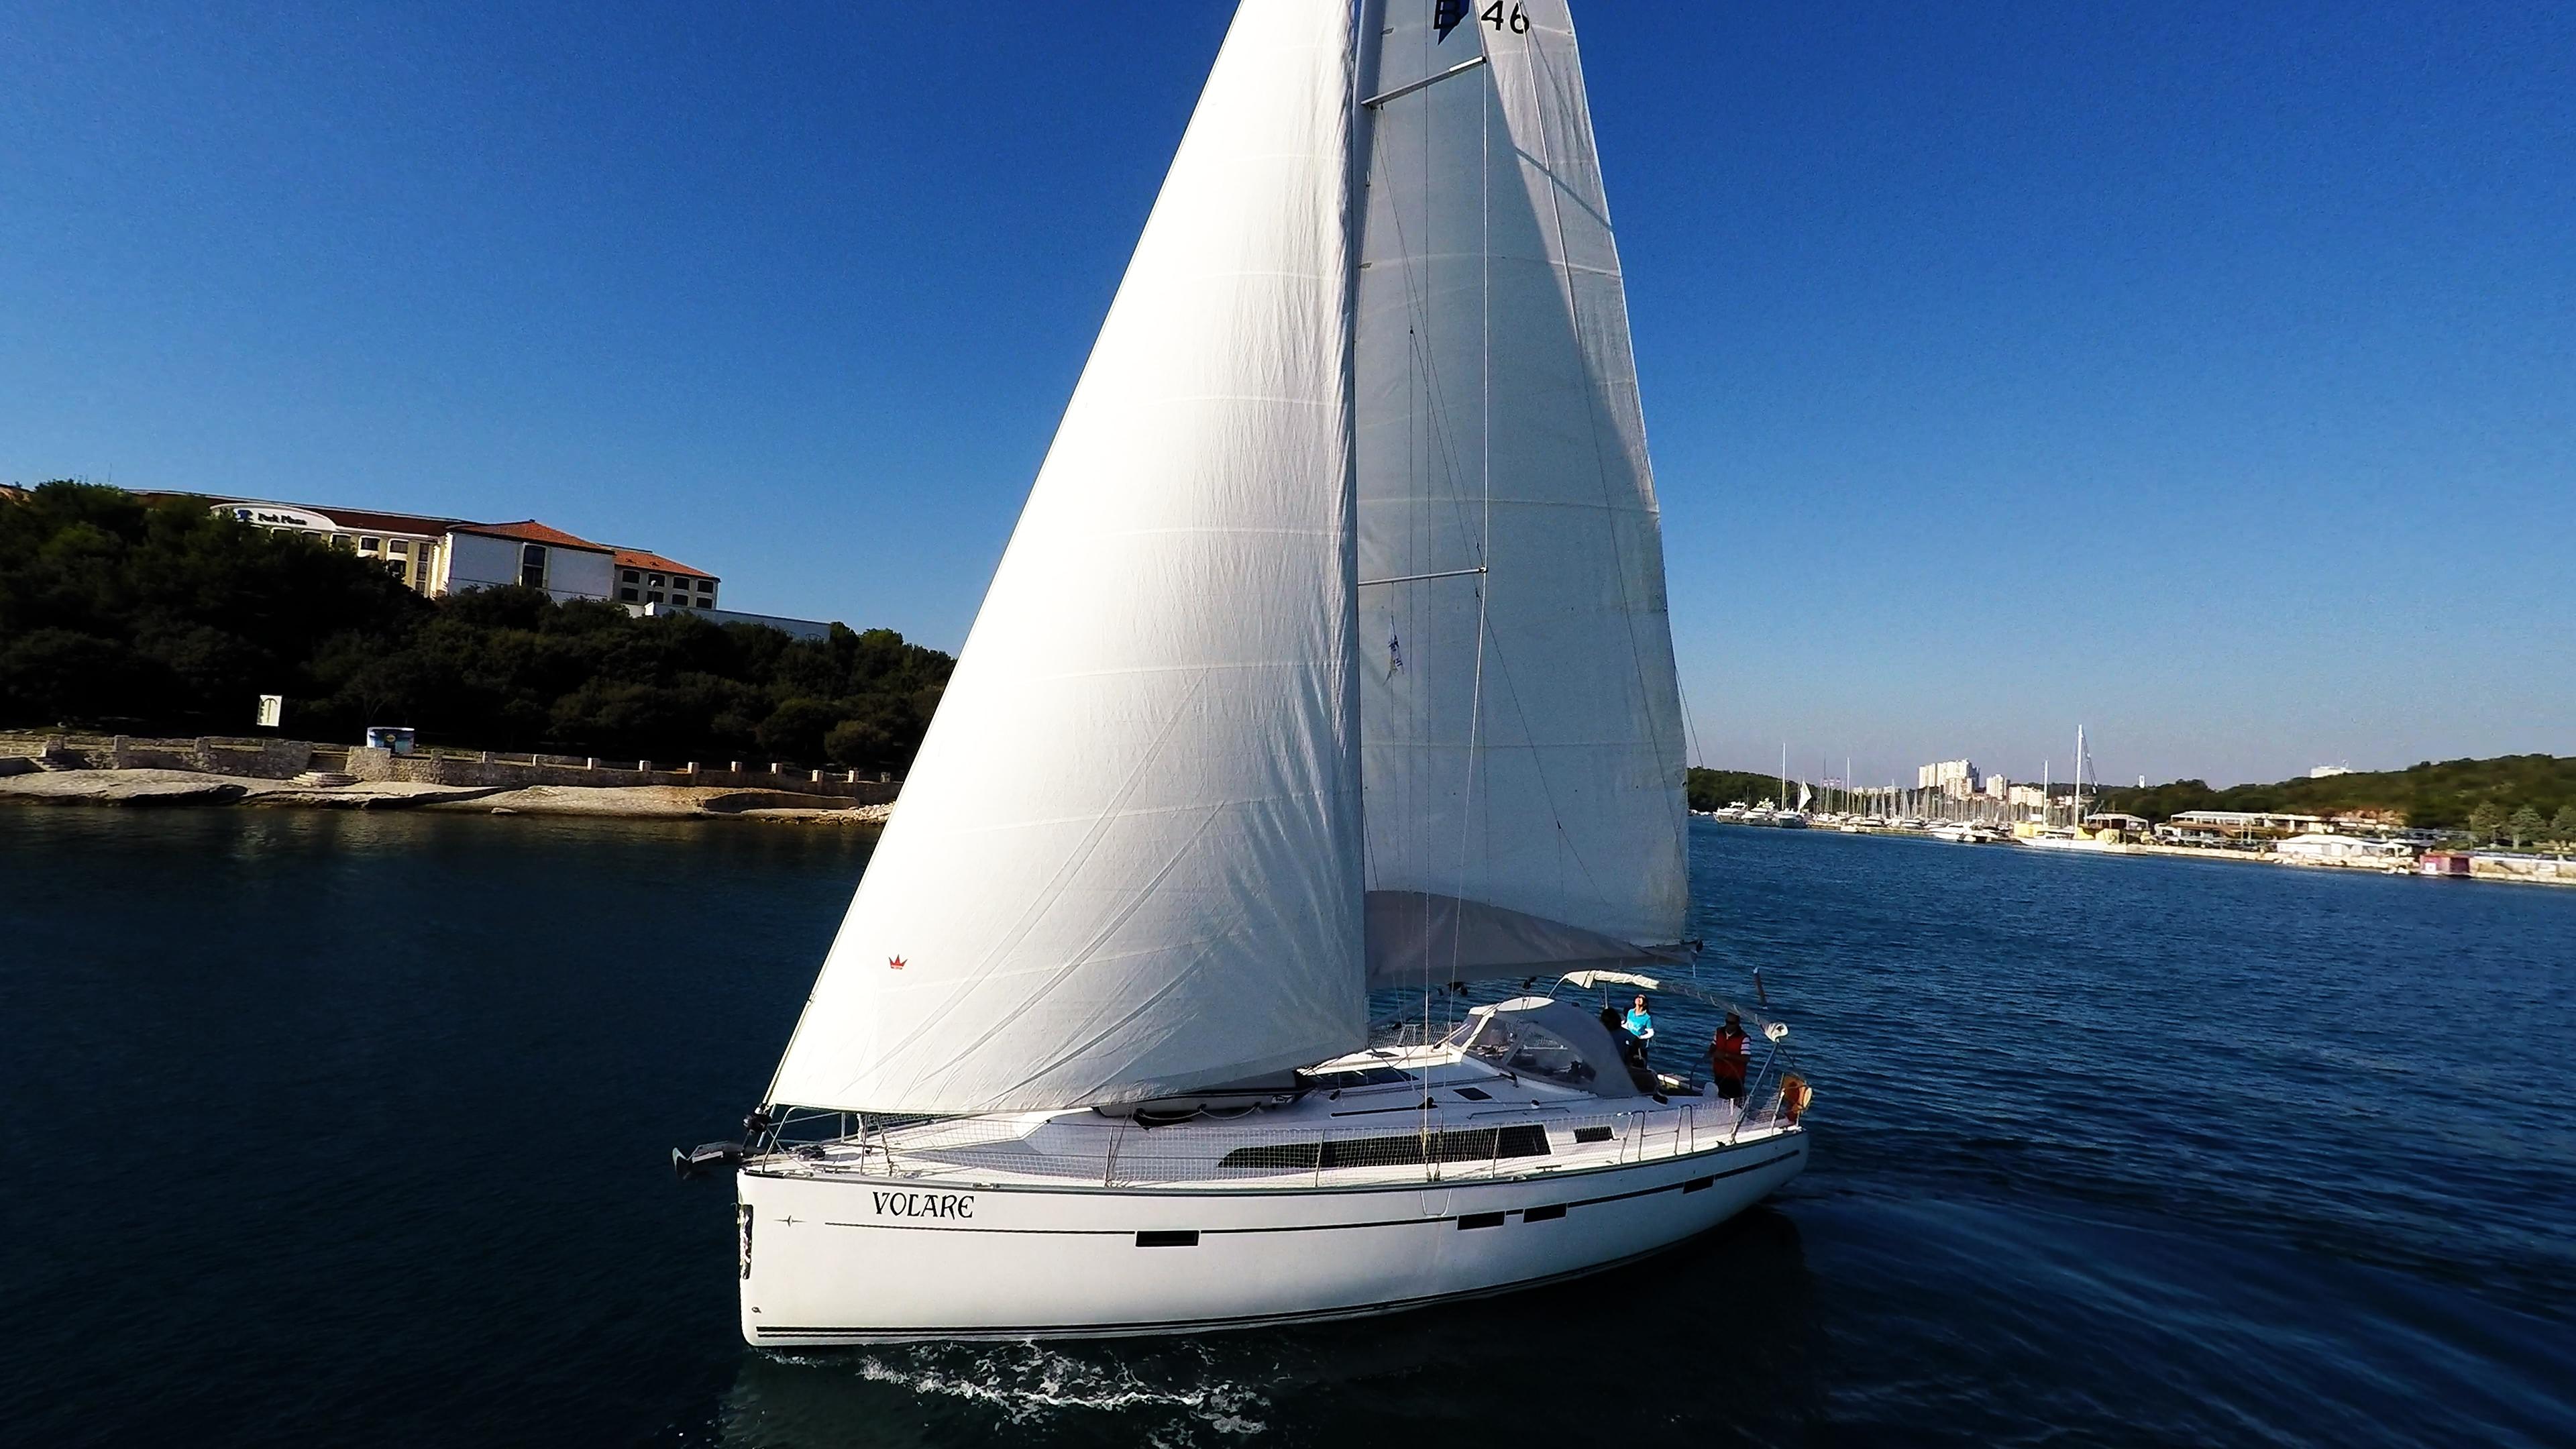 barcha a vela bavaria 46 barca a vela yacht a vela scafo